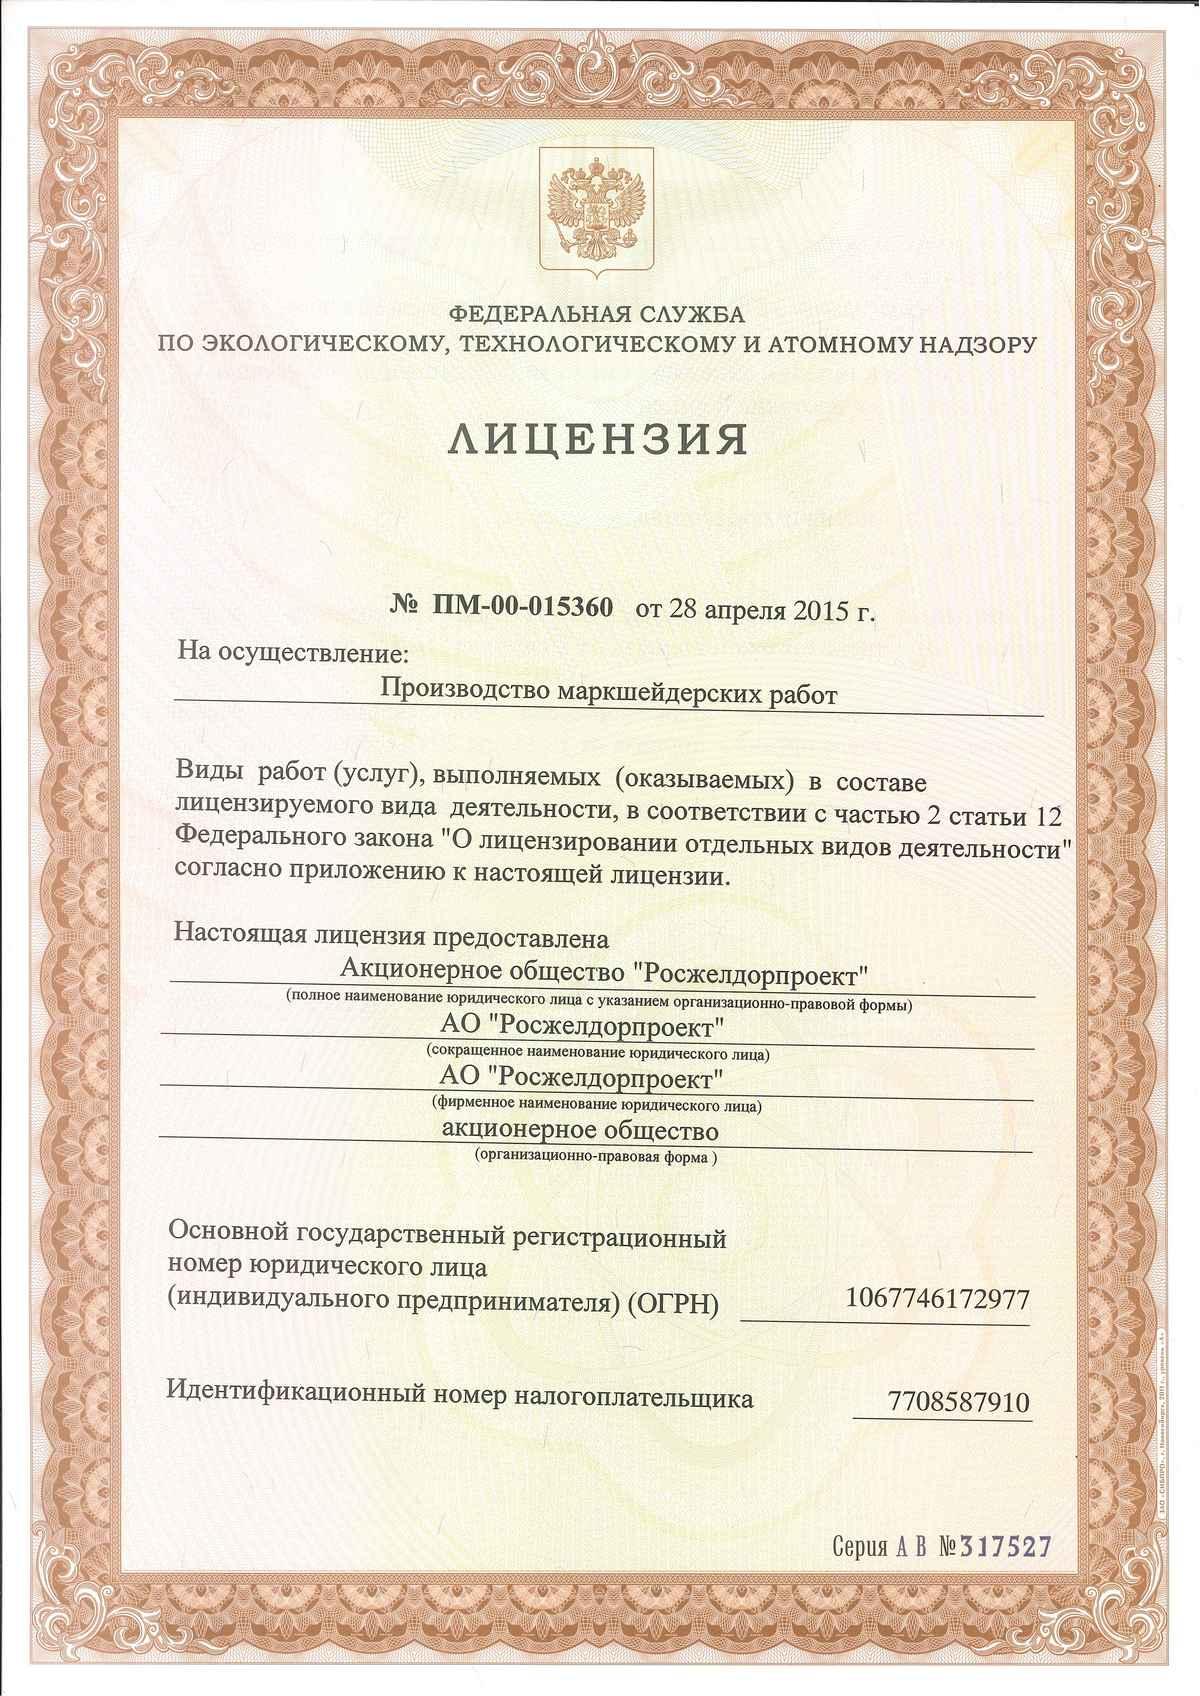 Лицензия на производство маркшейдерских работ